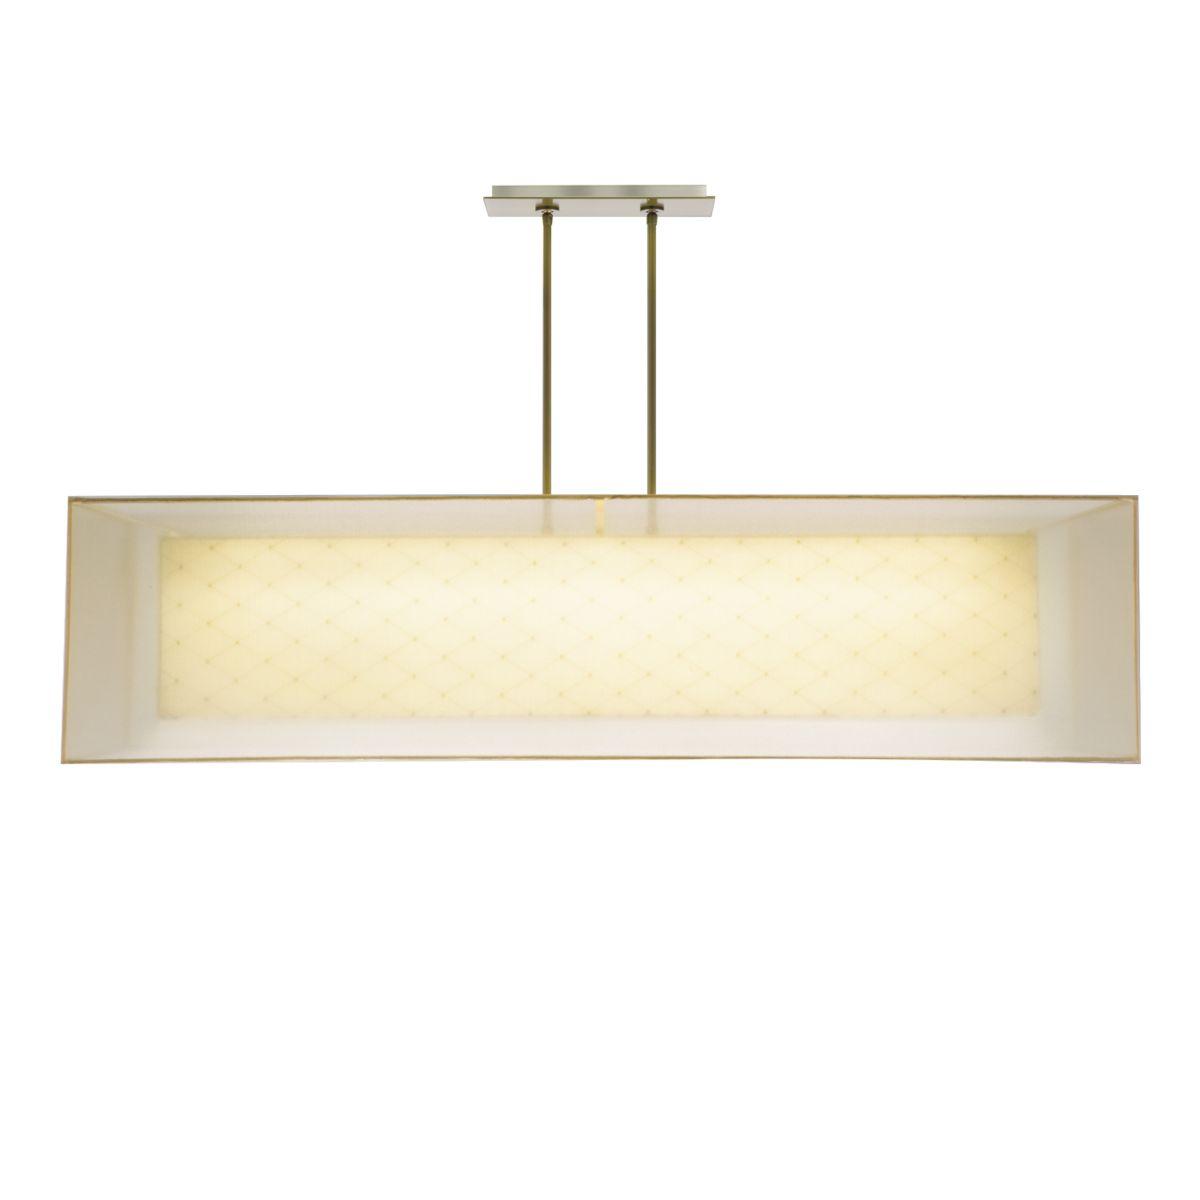 Fabrique 141-P LED Rectilinear Pendant